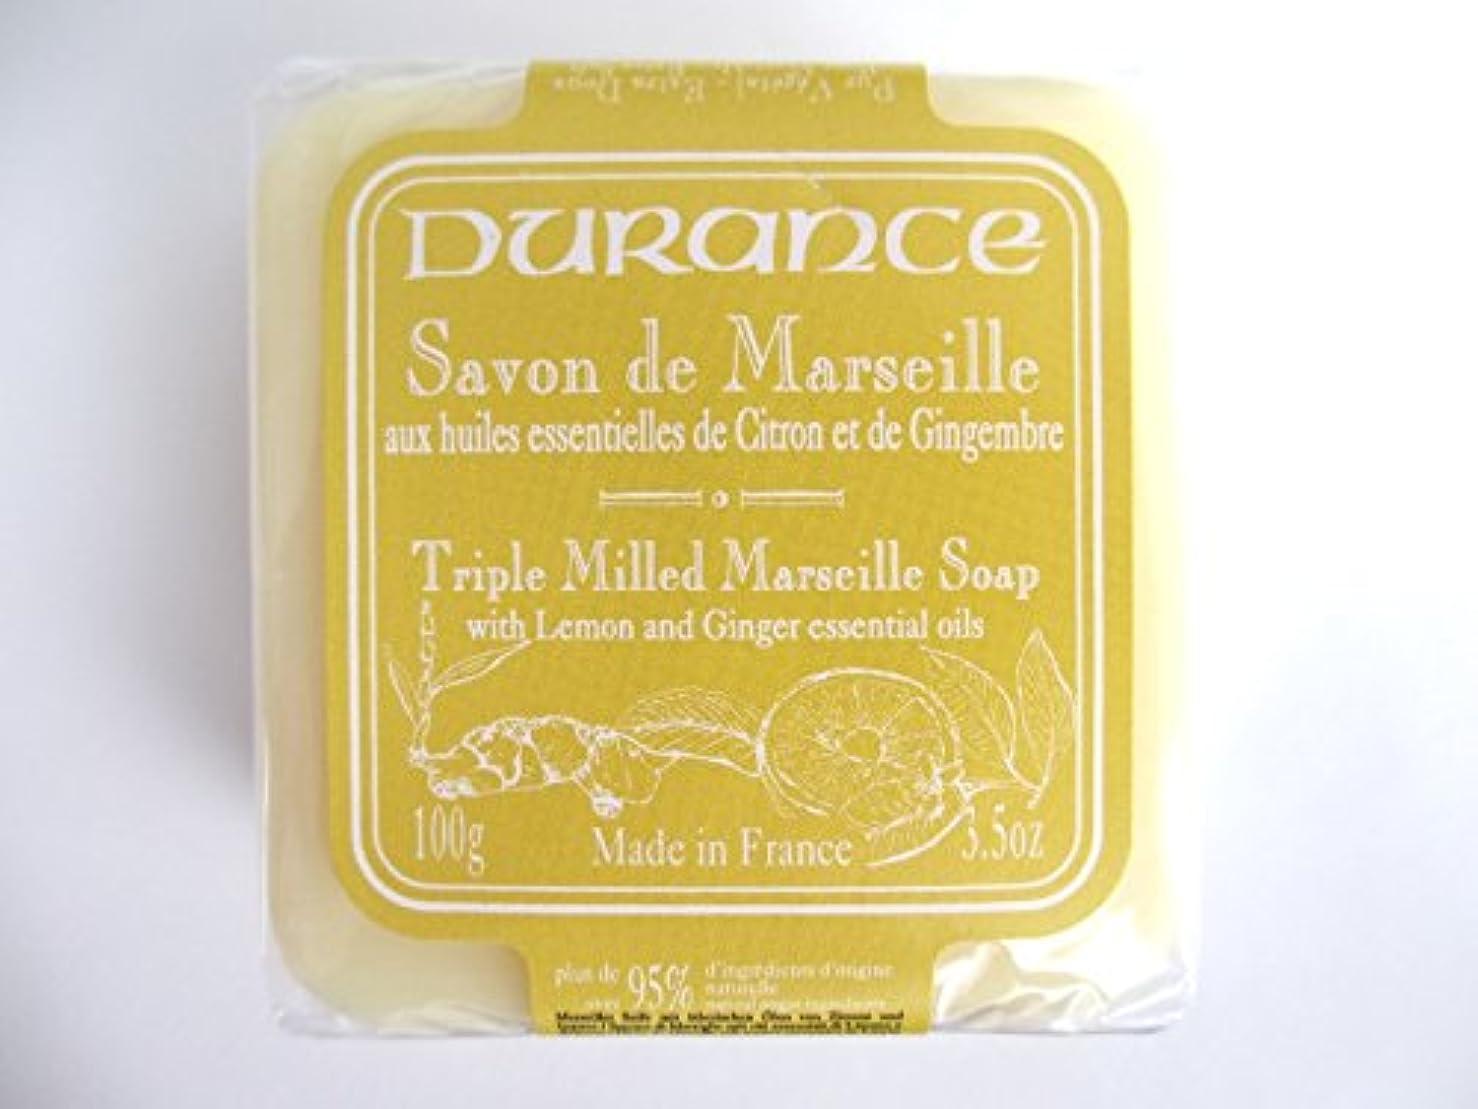 ルーチンカーフスマートデュランス 【マルセイユソープ】 レモンジンジャー 固形 100g 95%以上 天然成分 洗顔 全身